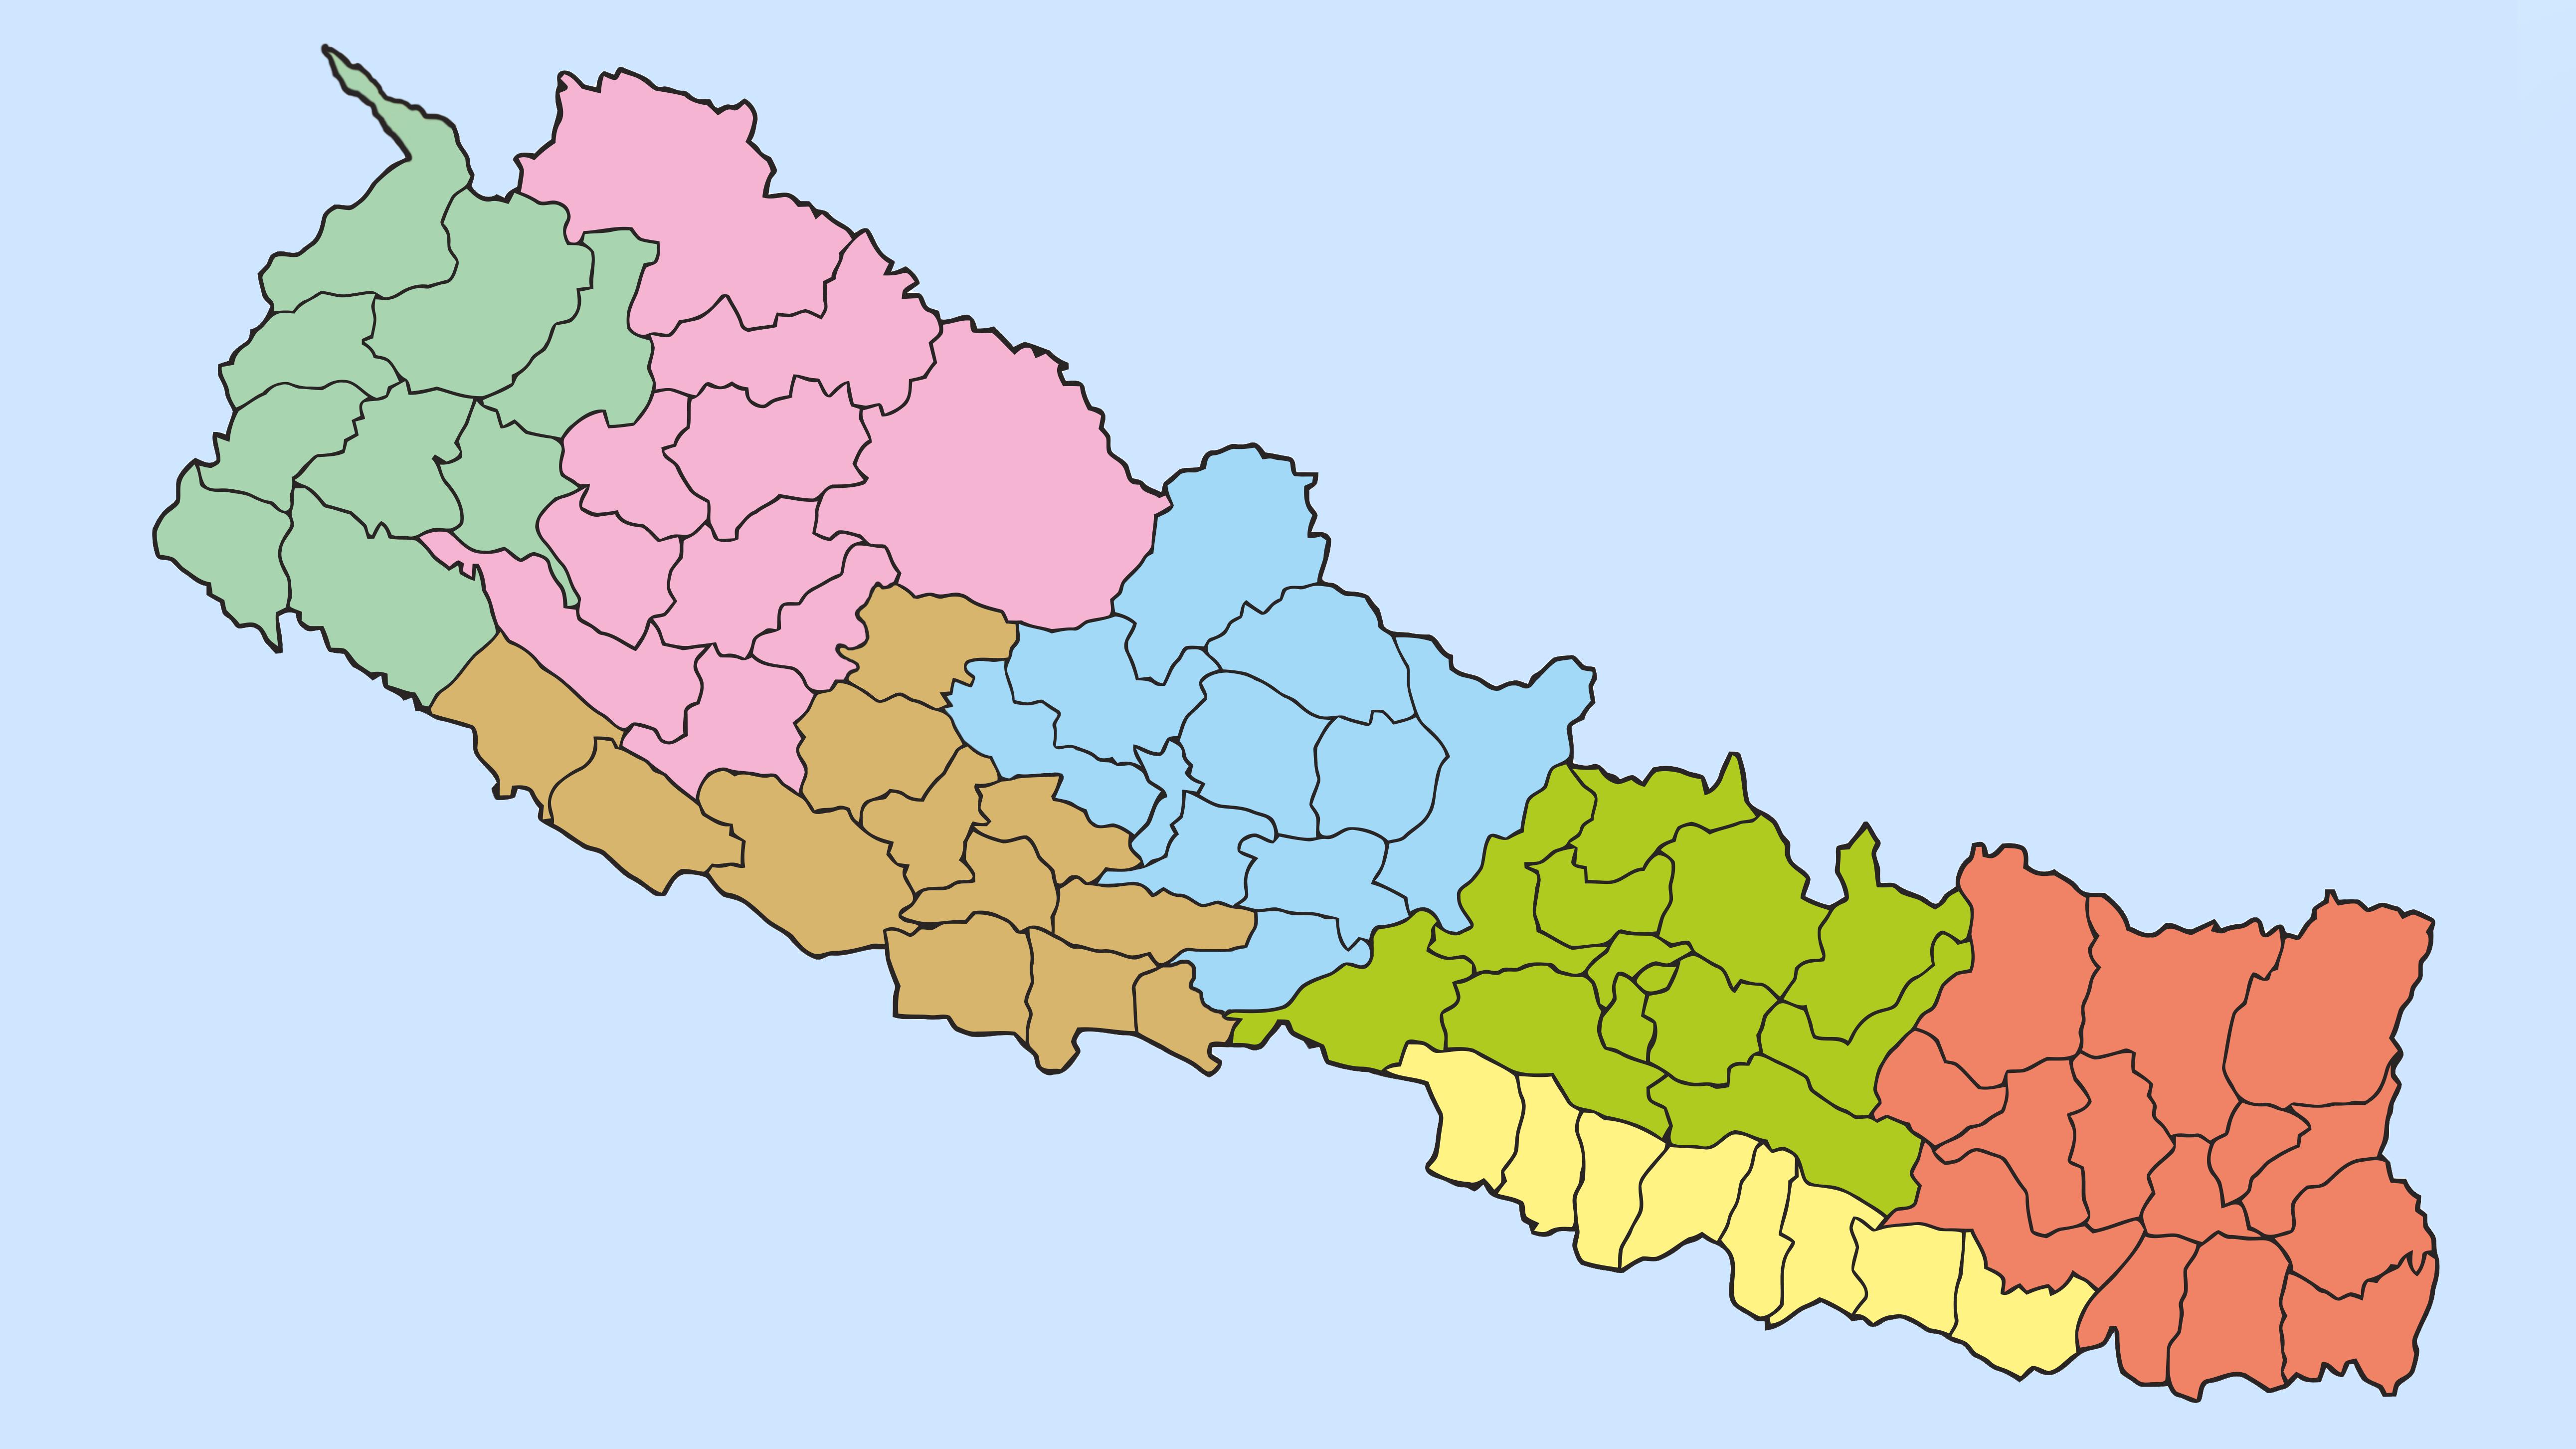 नेपाल सरकारद्वारा  लिम्पियाधुरा सहितको नक्सा पारिक।